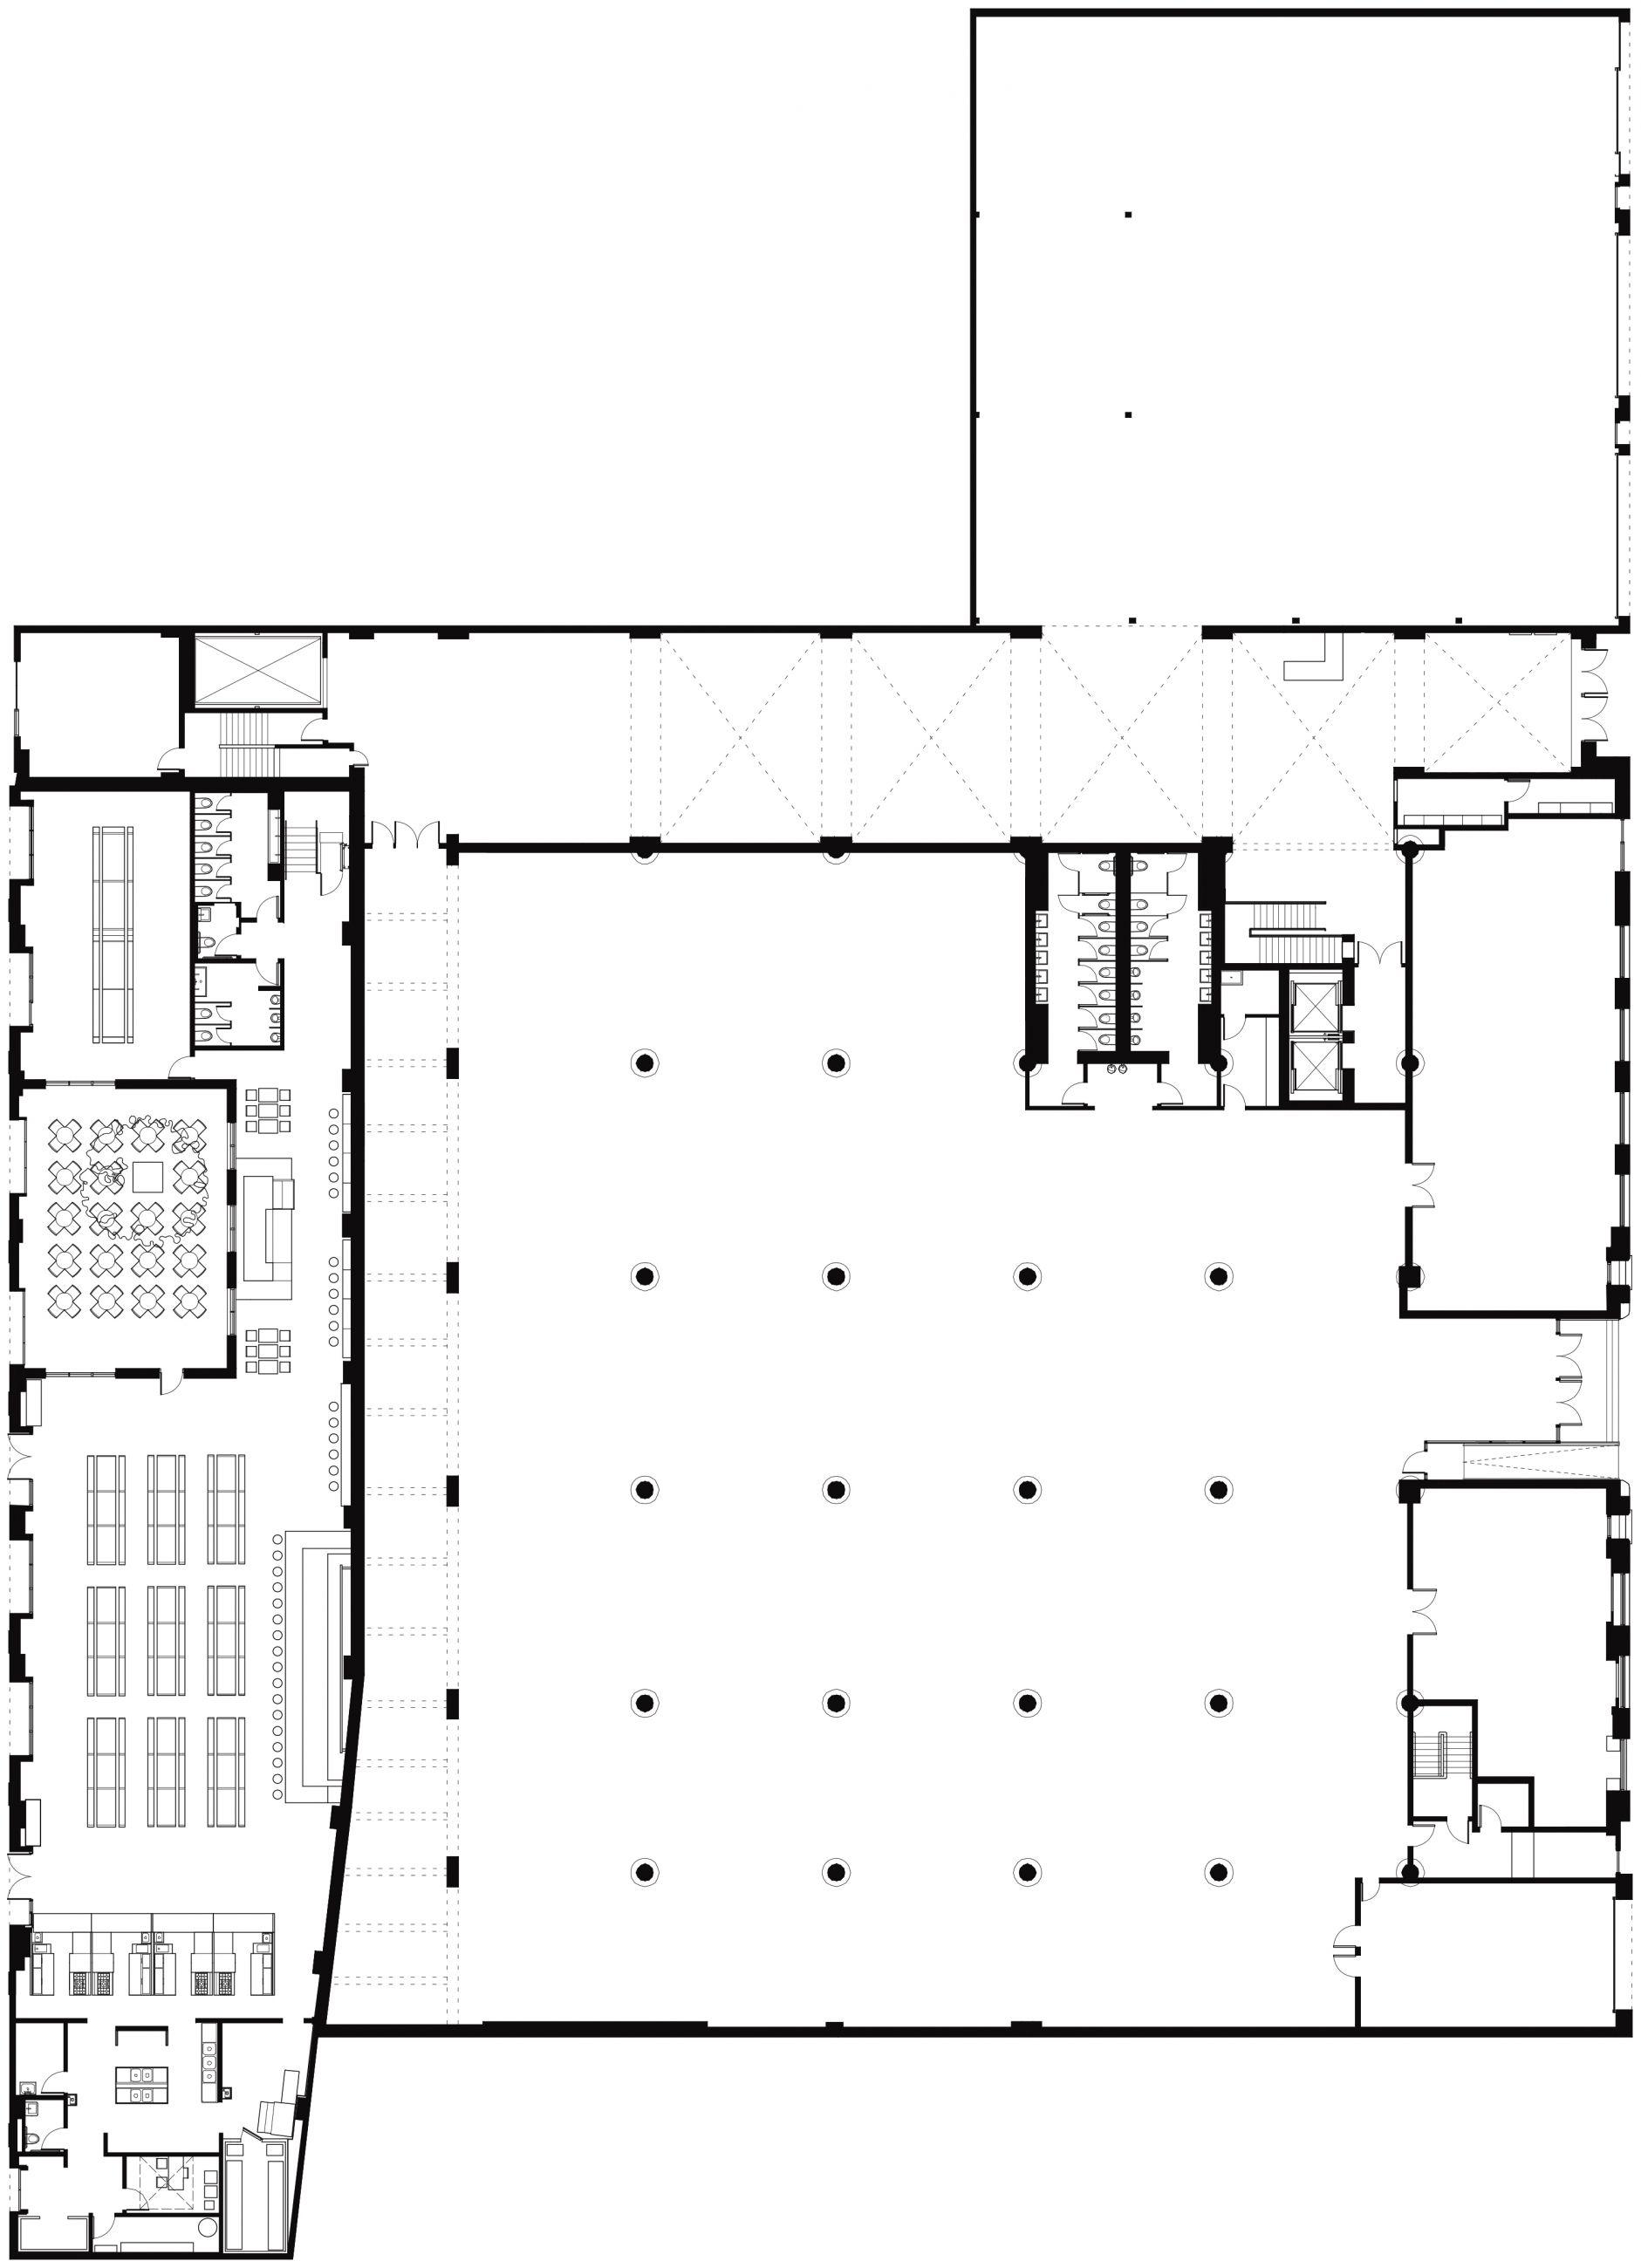 1000 Dean Street and Berg'n Ground Floor Plan